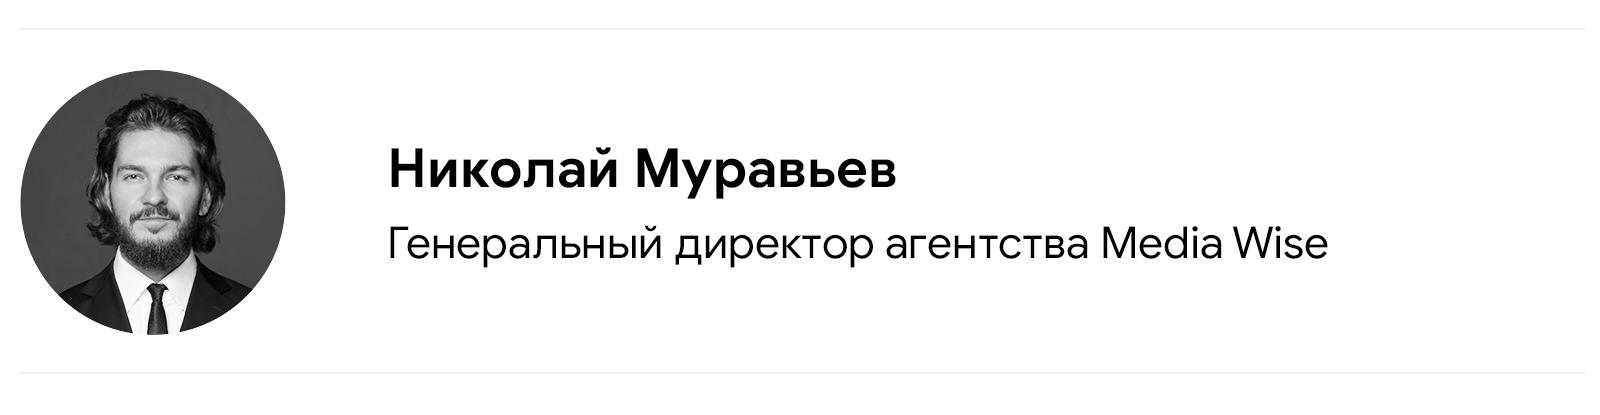 Плашки-спикеров-2_1-копия-7.png